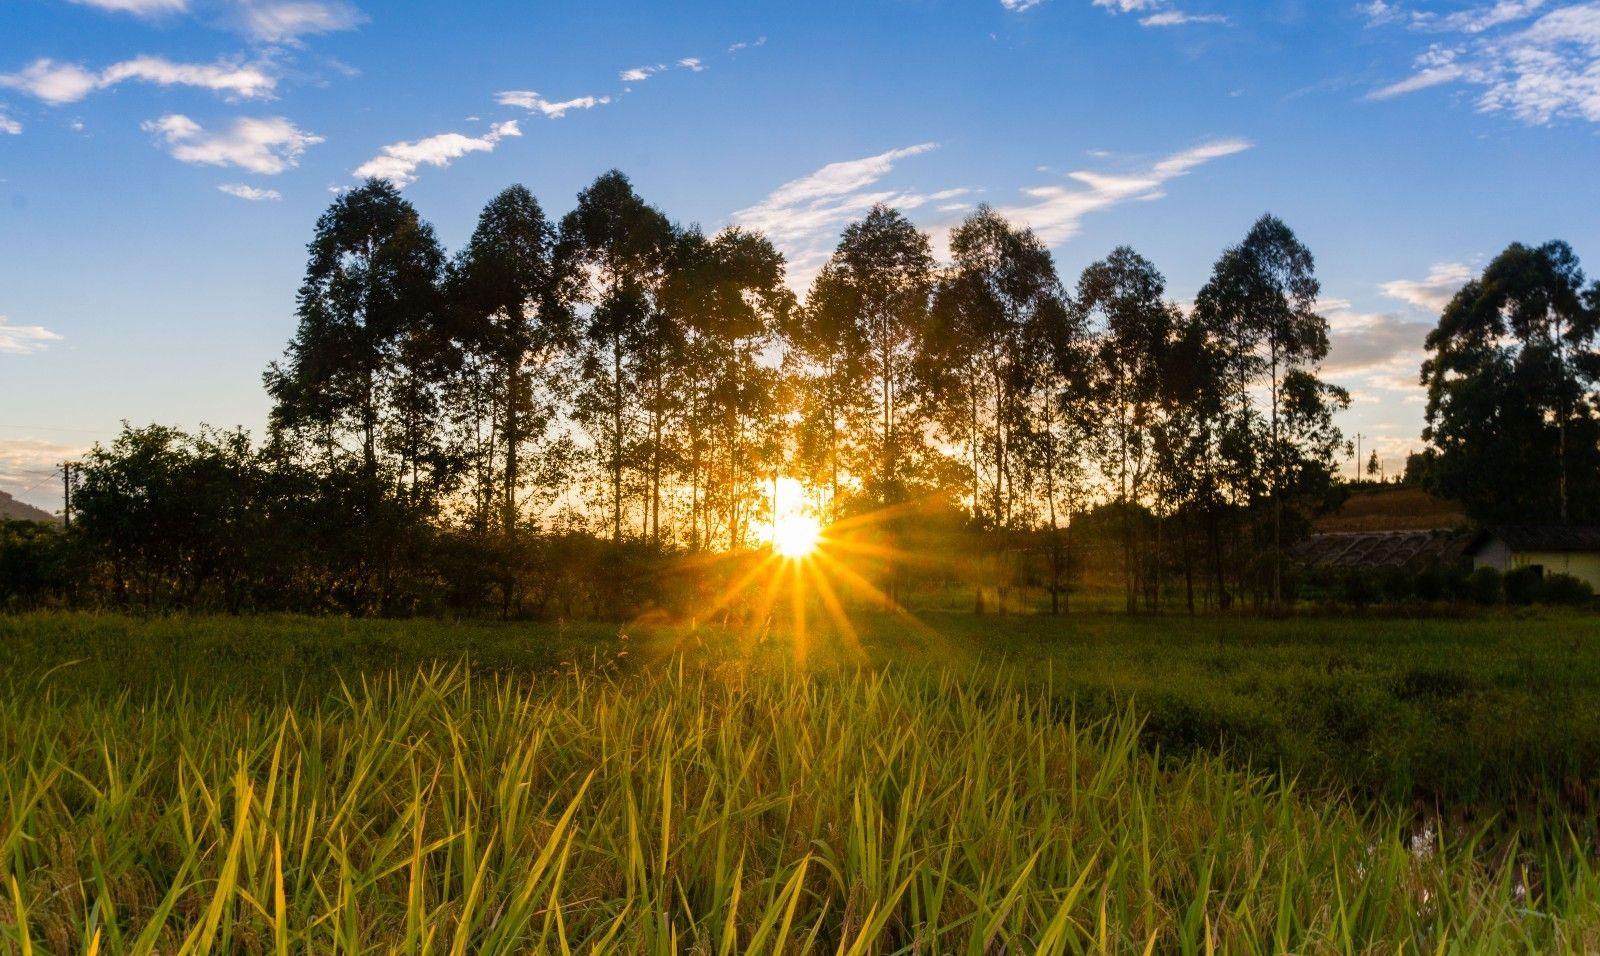 风光摄影:夕阳下的田野